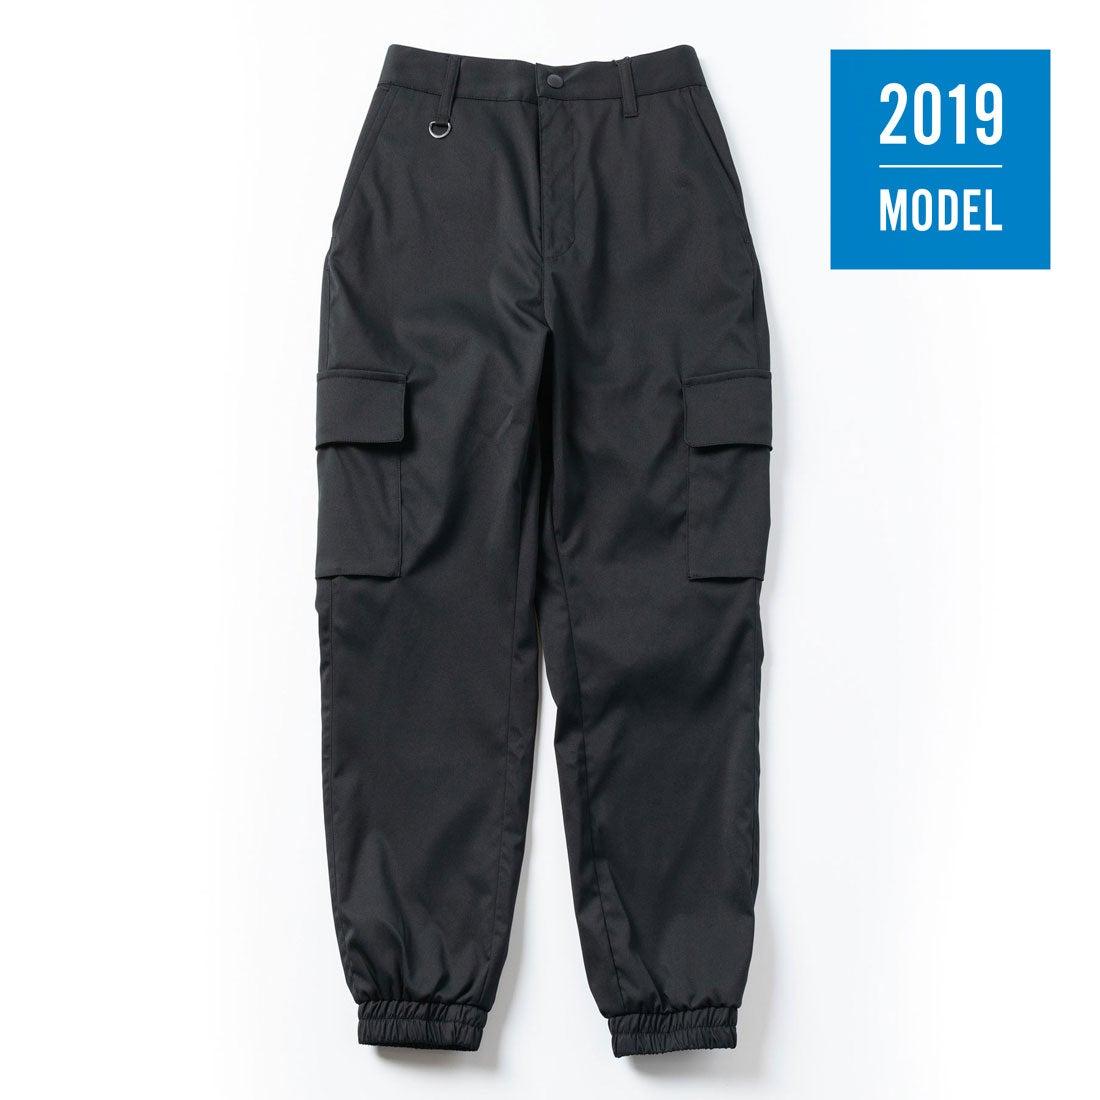 【2019年モデル】レディース ジョガーカーゴパンツ(ジェットブラック)